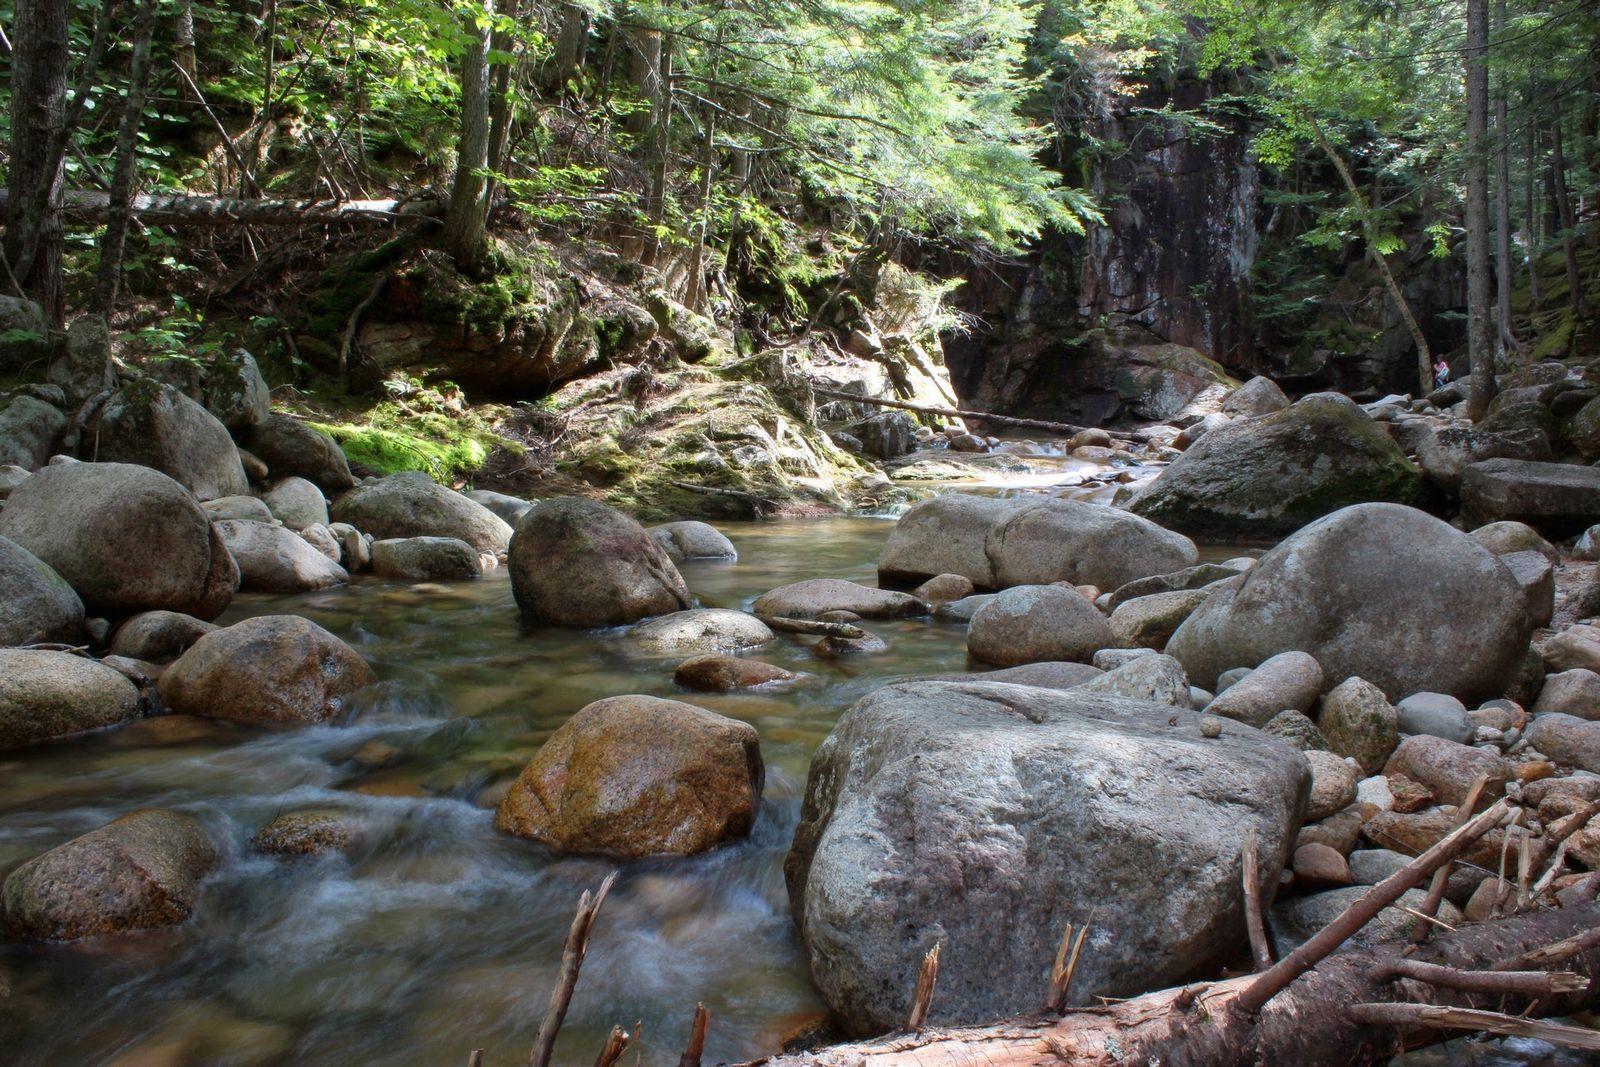 El agua sigue su curso tras la caída